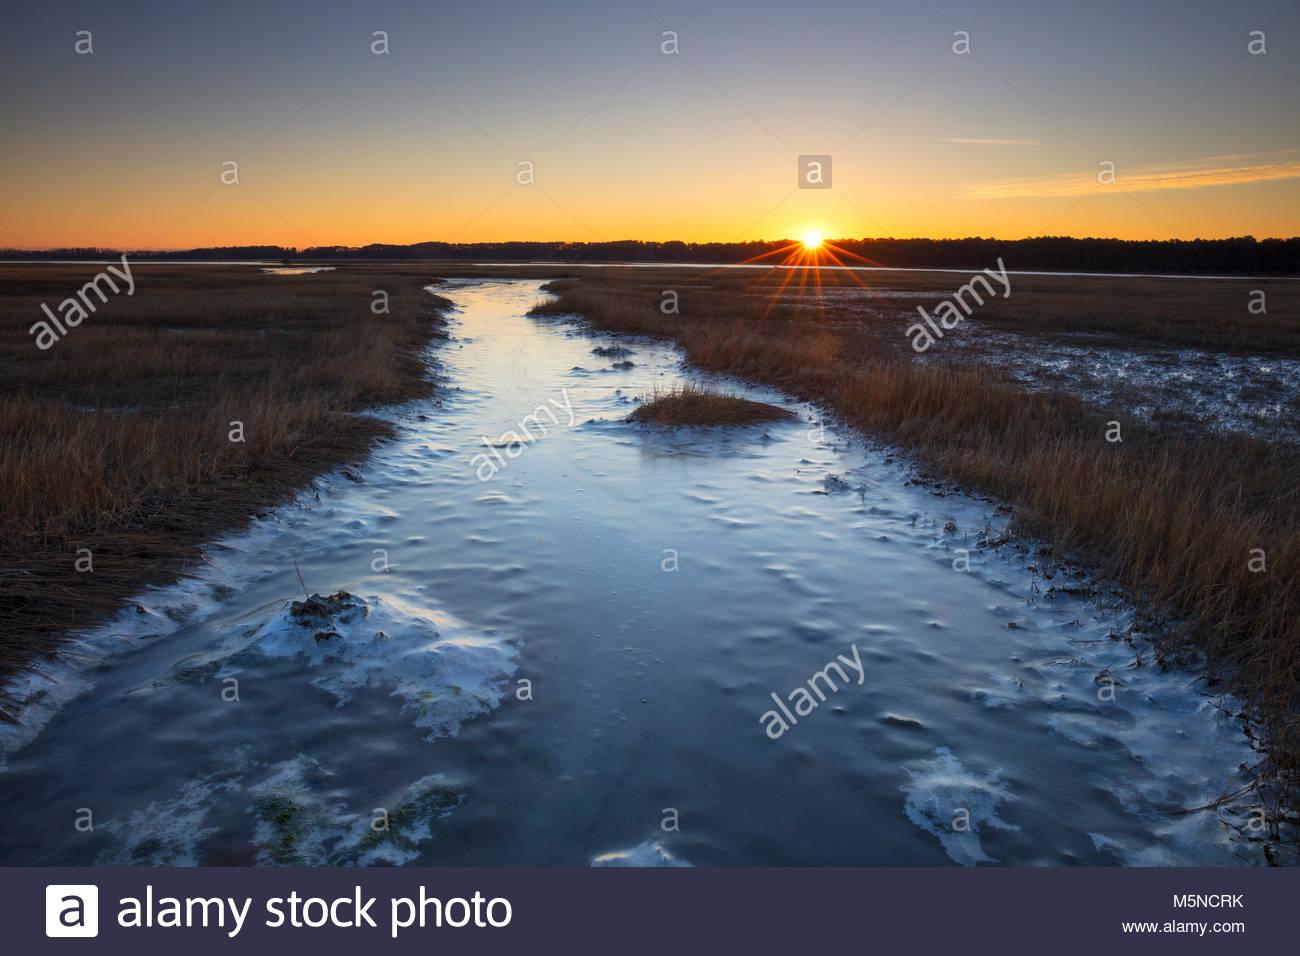 Le soleil se lève sur l'Assateague couvertes de glace, canal qui sépare les îles de Assateague Photo Stock